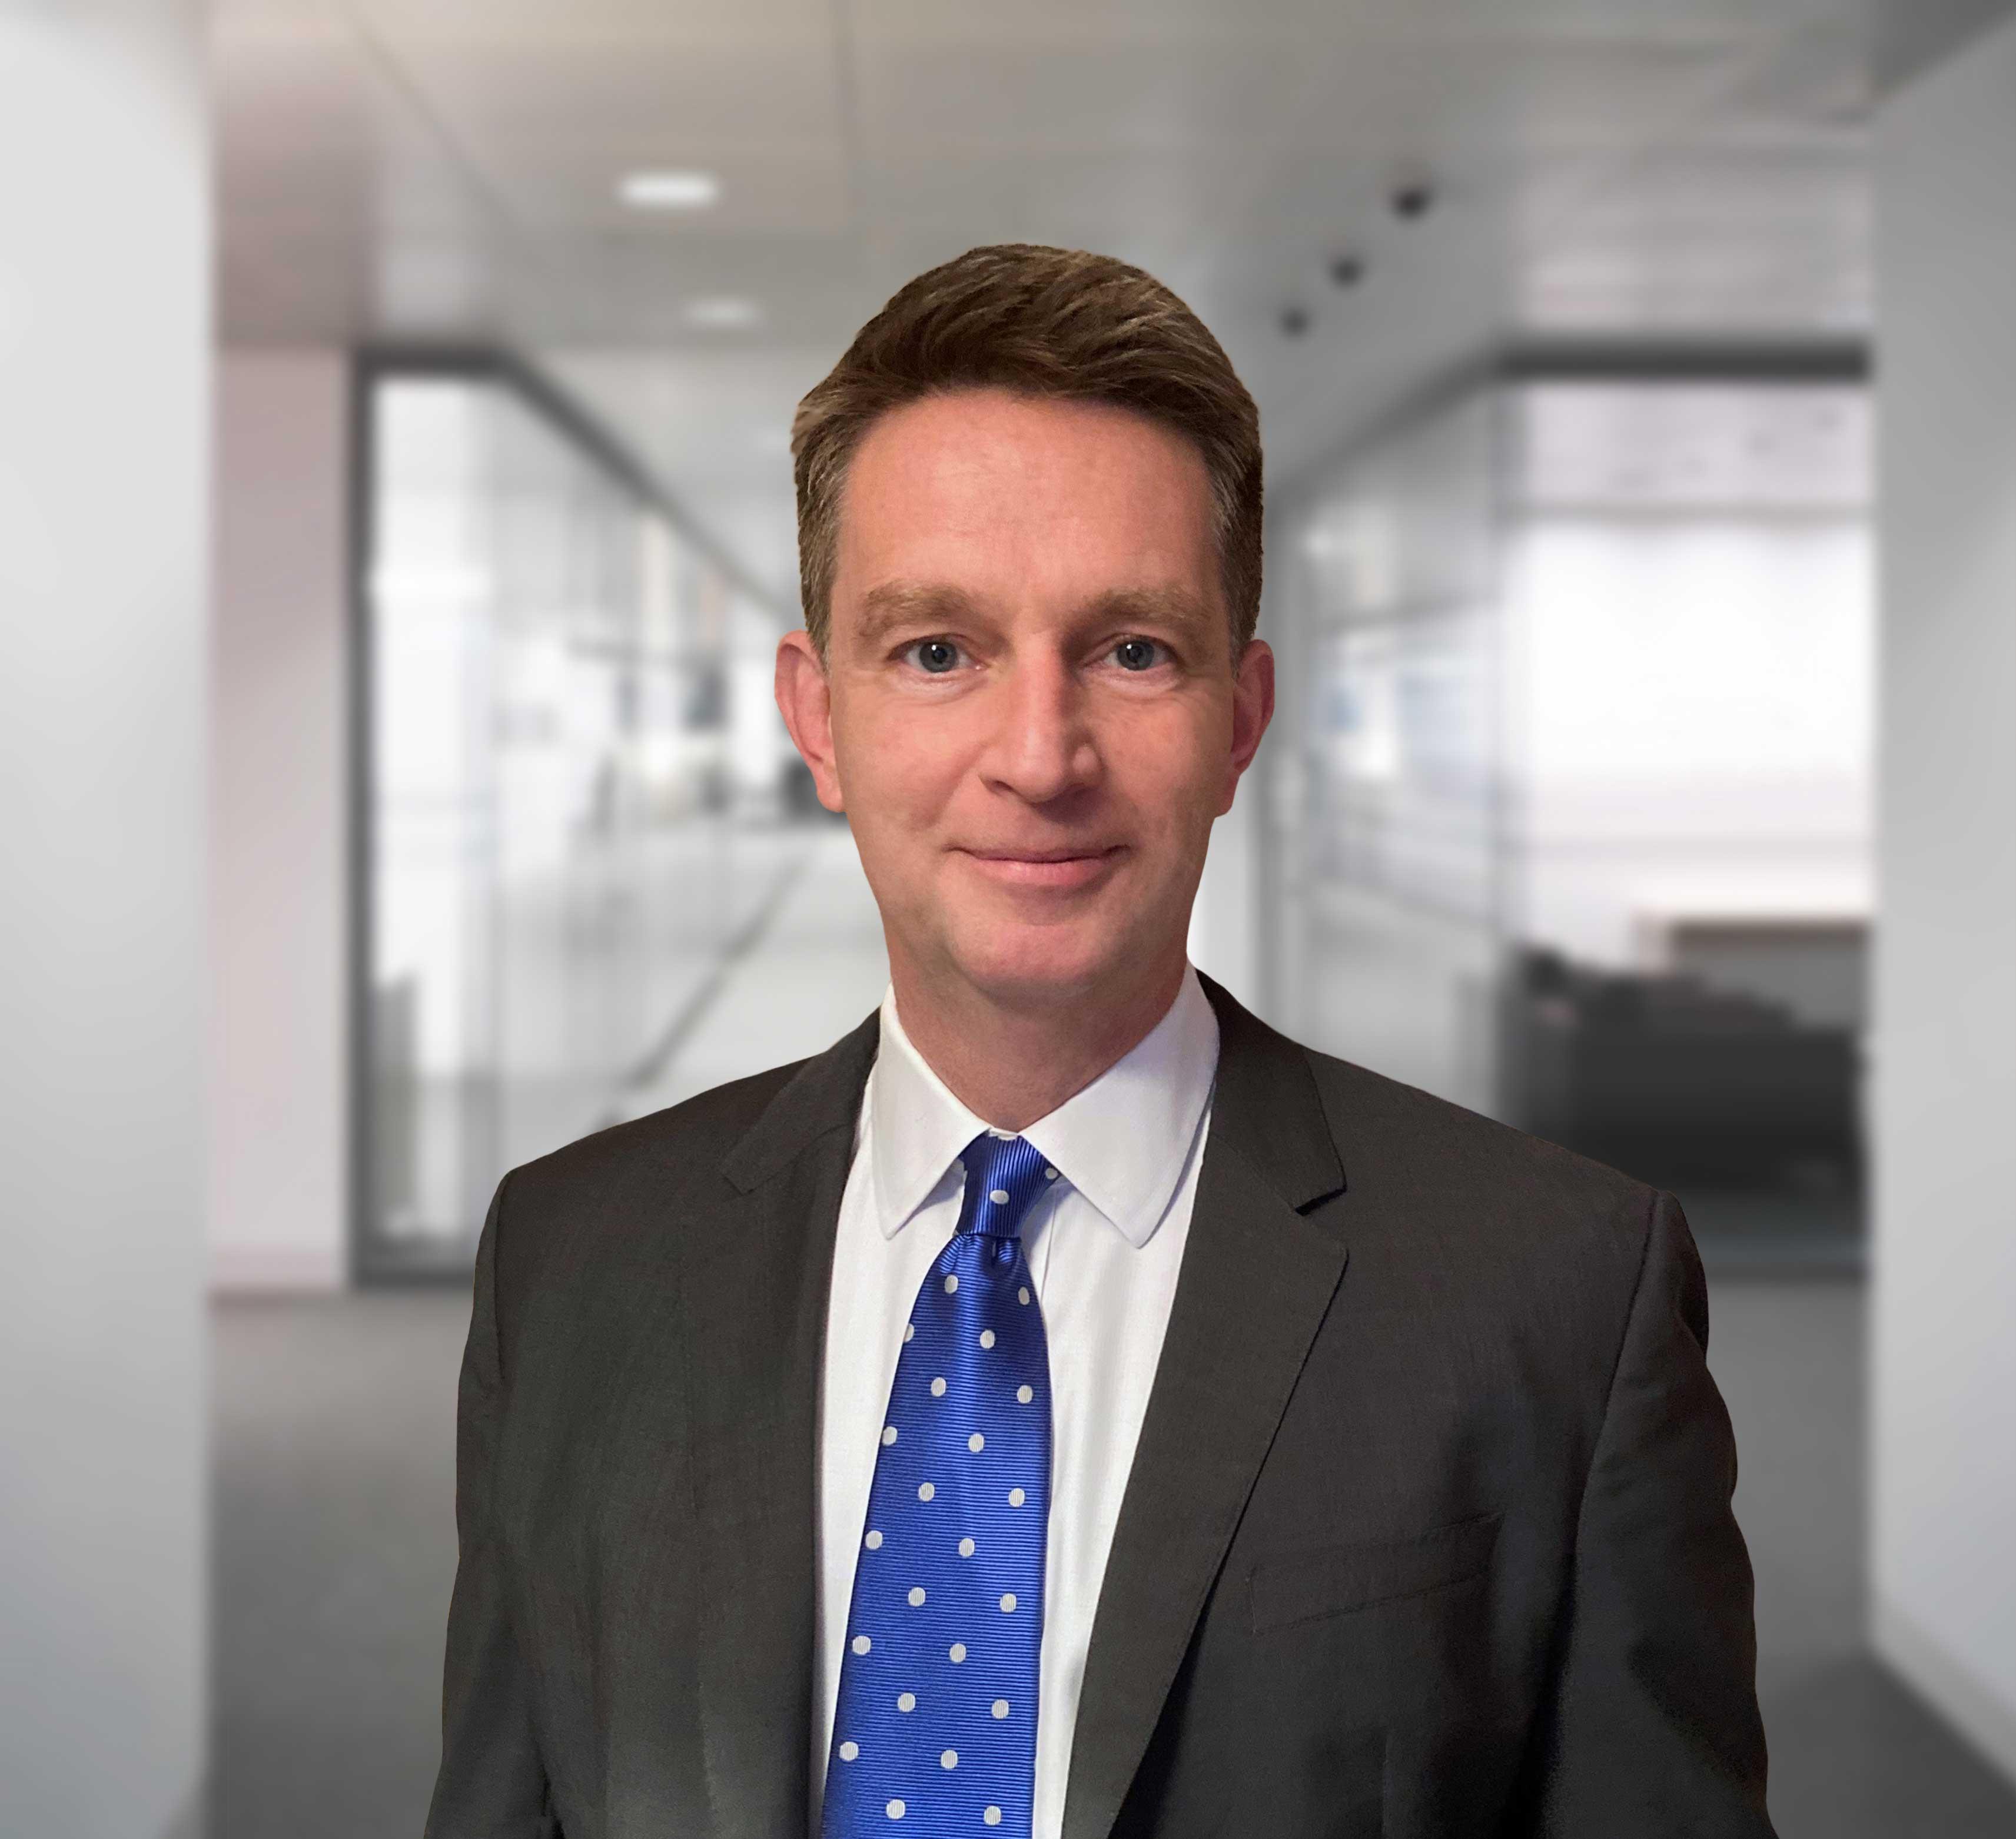 Alistair Murray